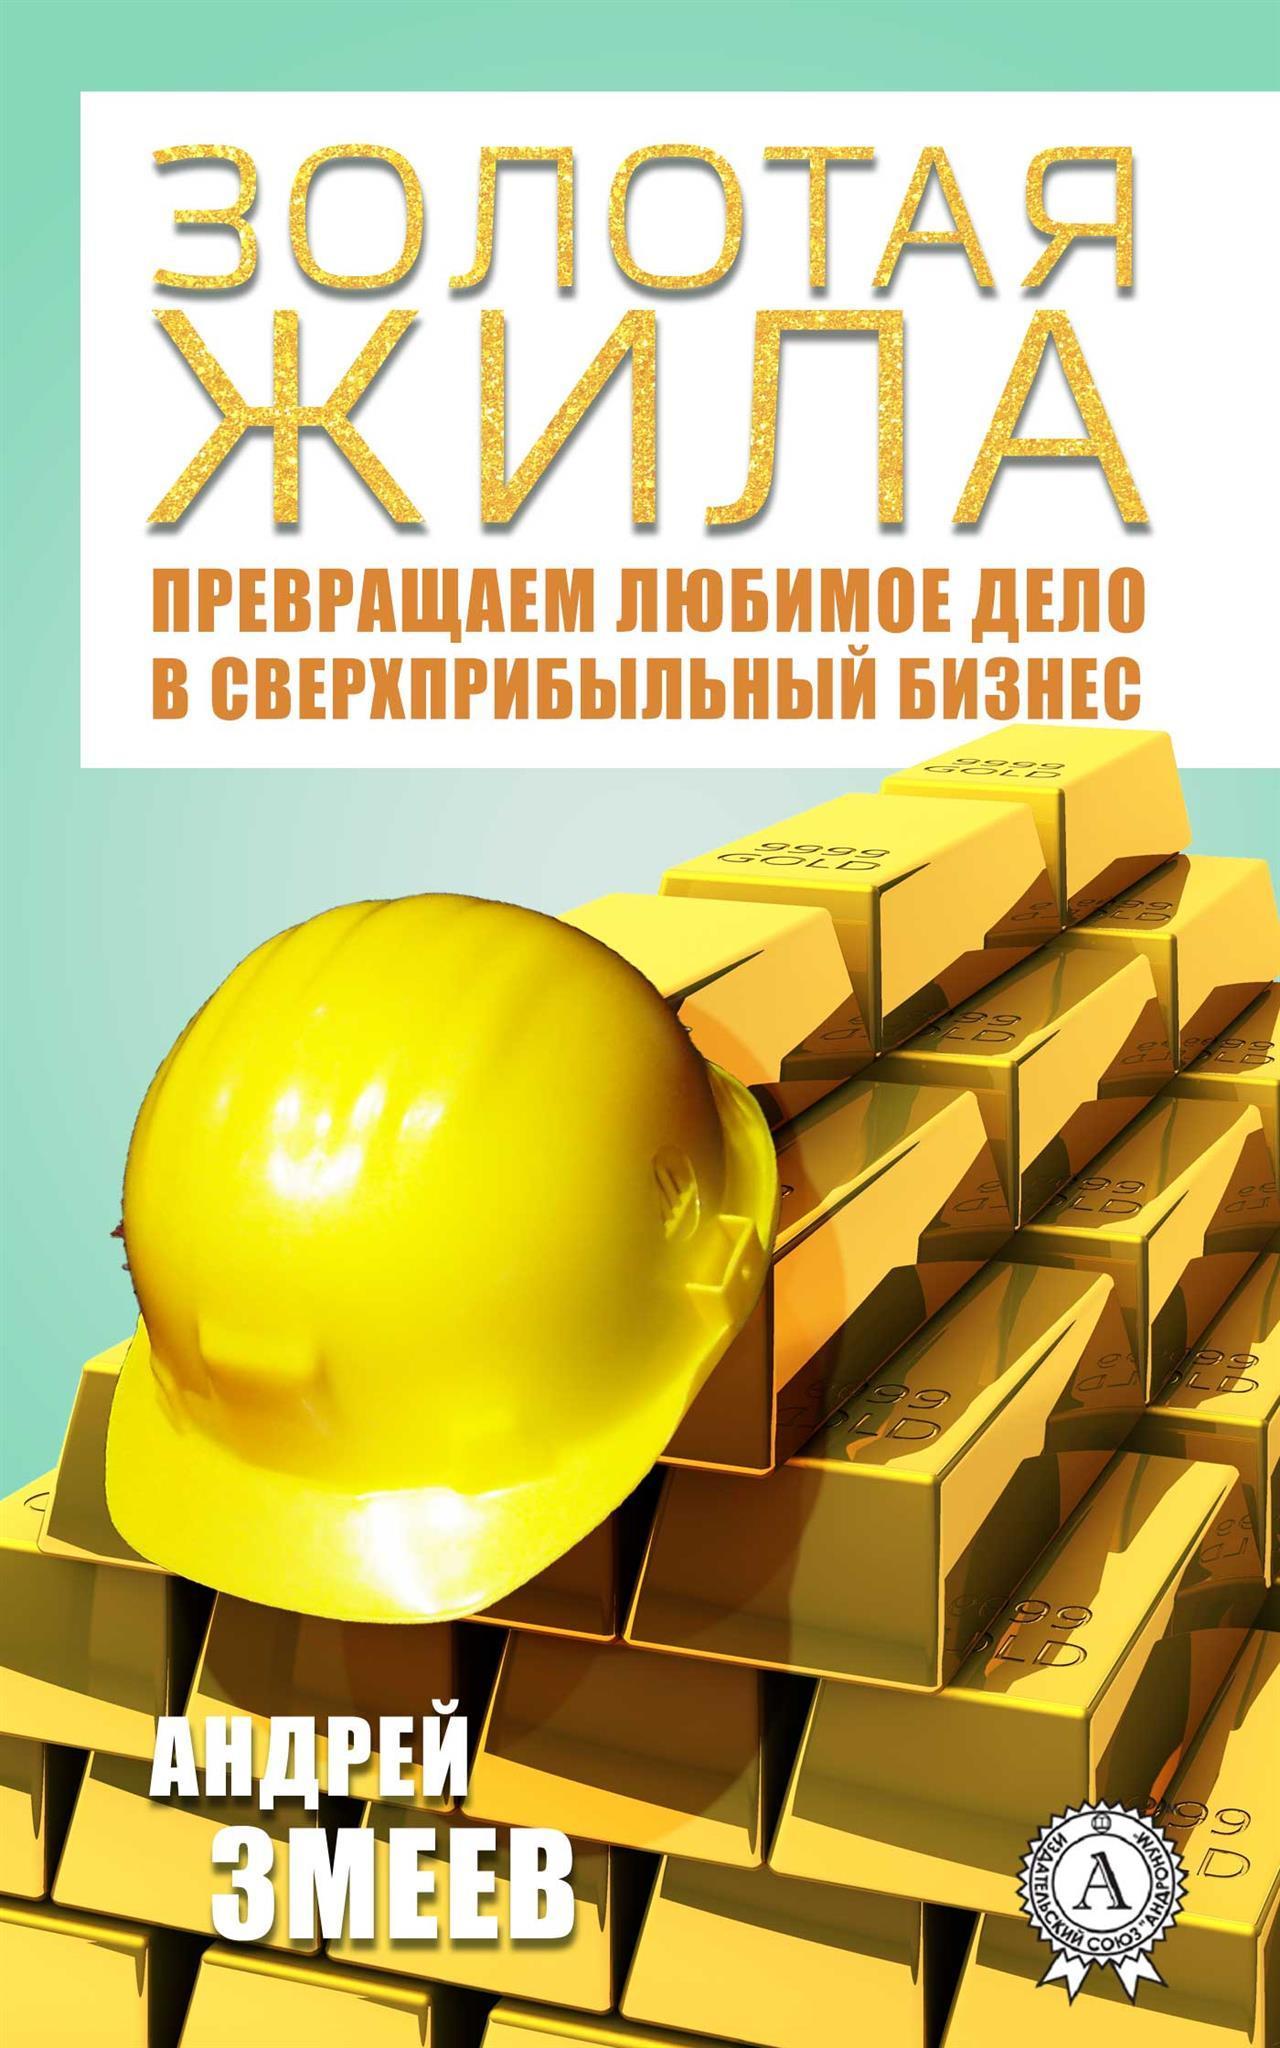 Обложка книги Золотая жила